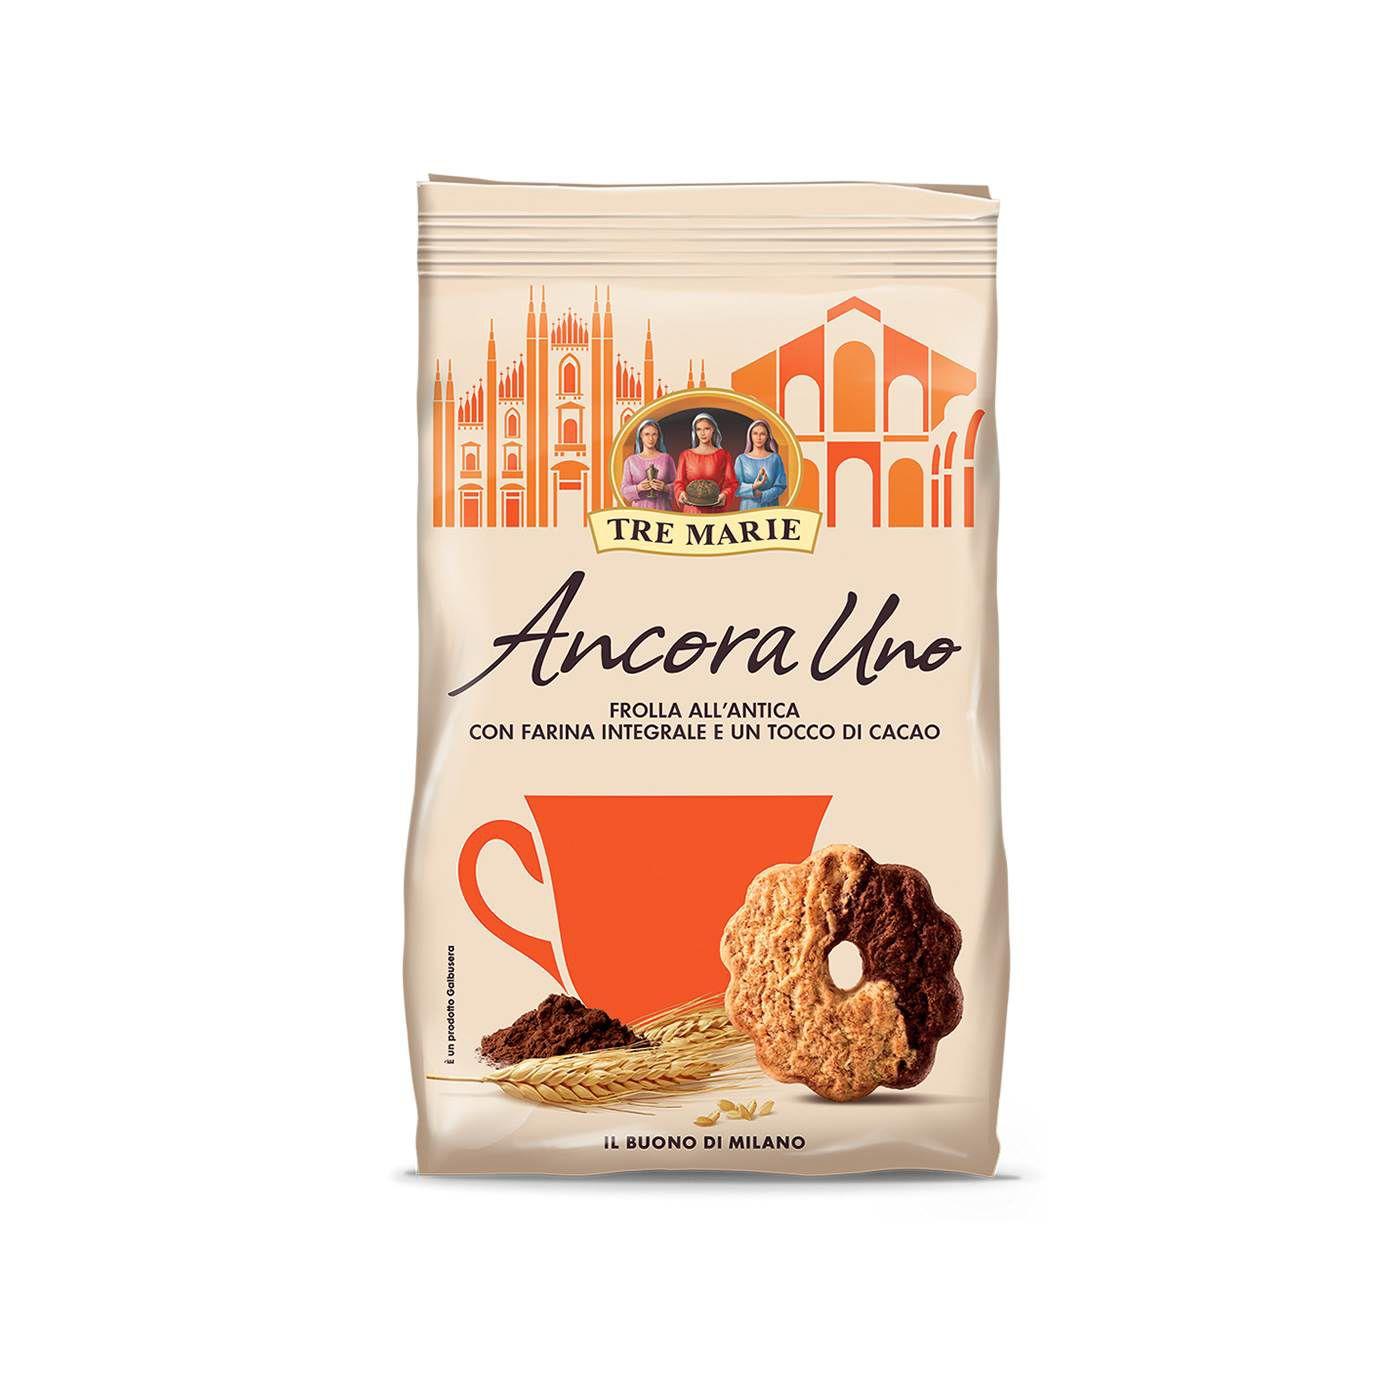 Biscoito Frolla All Antica Integrale con Cacao Ancora Uno 300gr